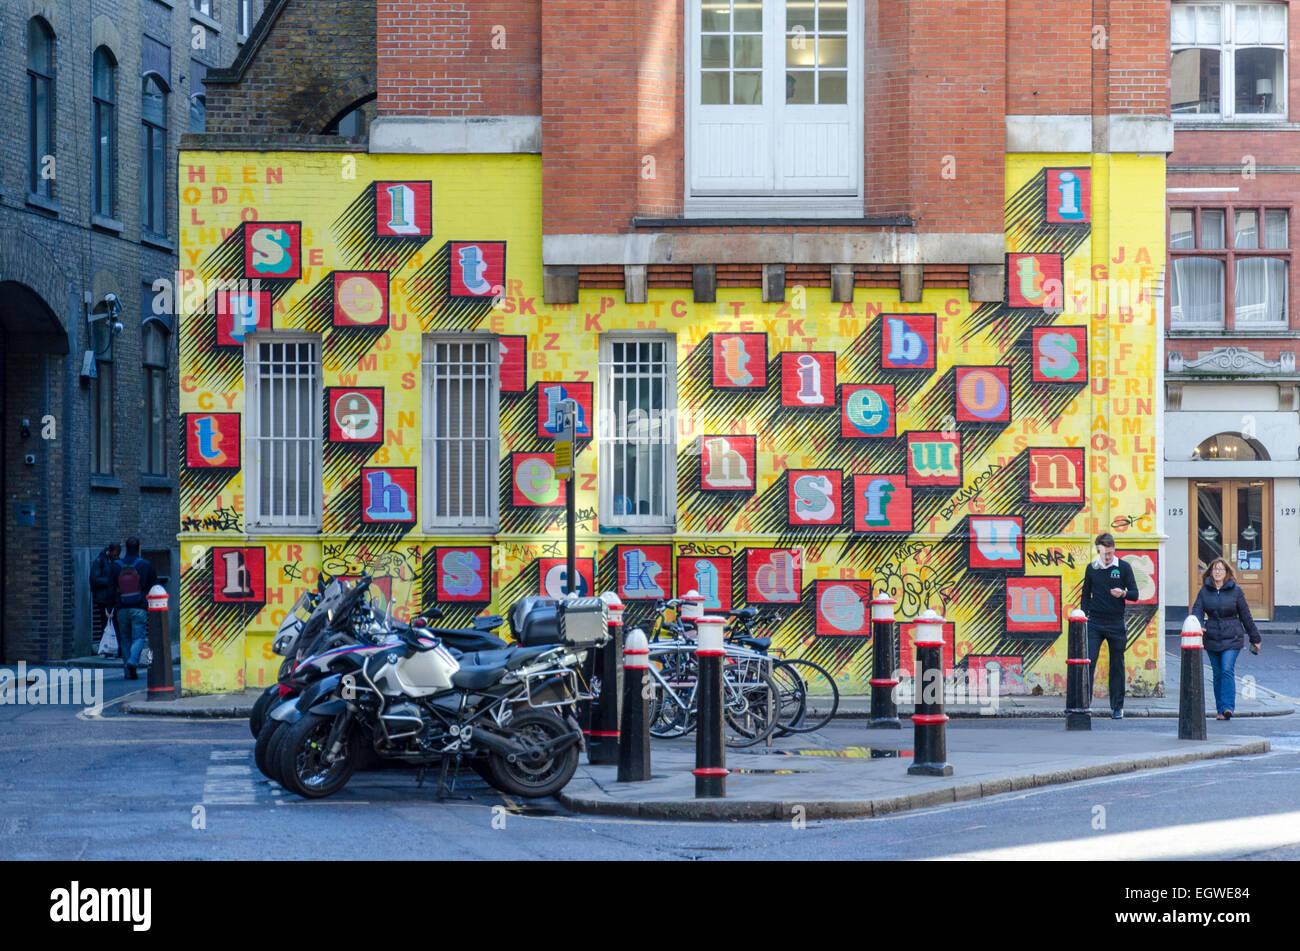 Street art by Ben Eine in east London, UK - Stock Image